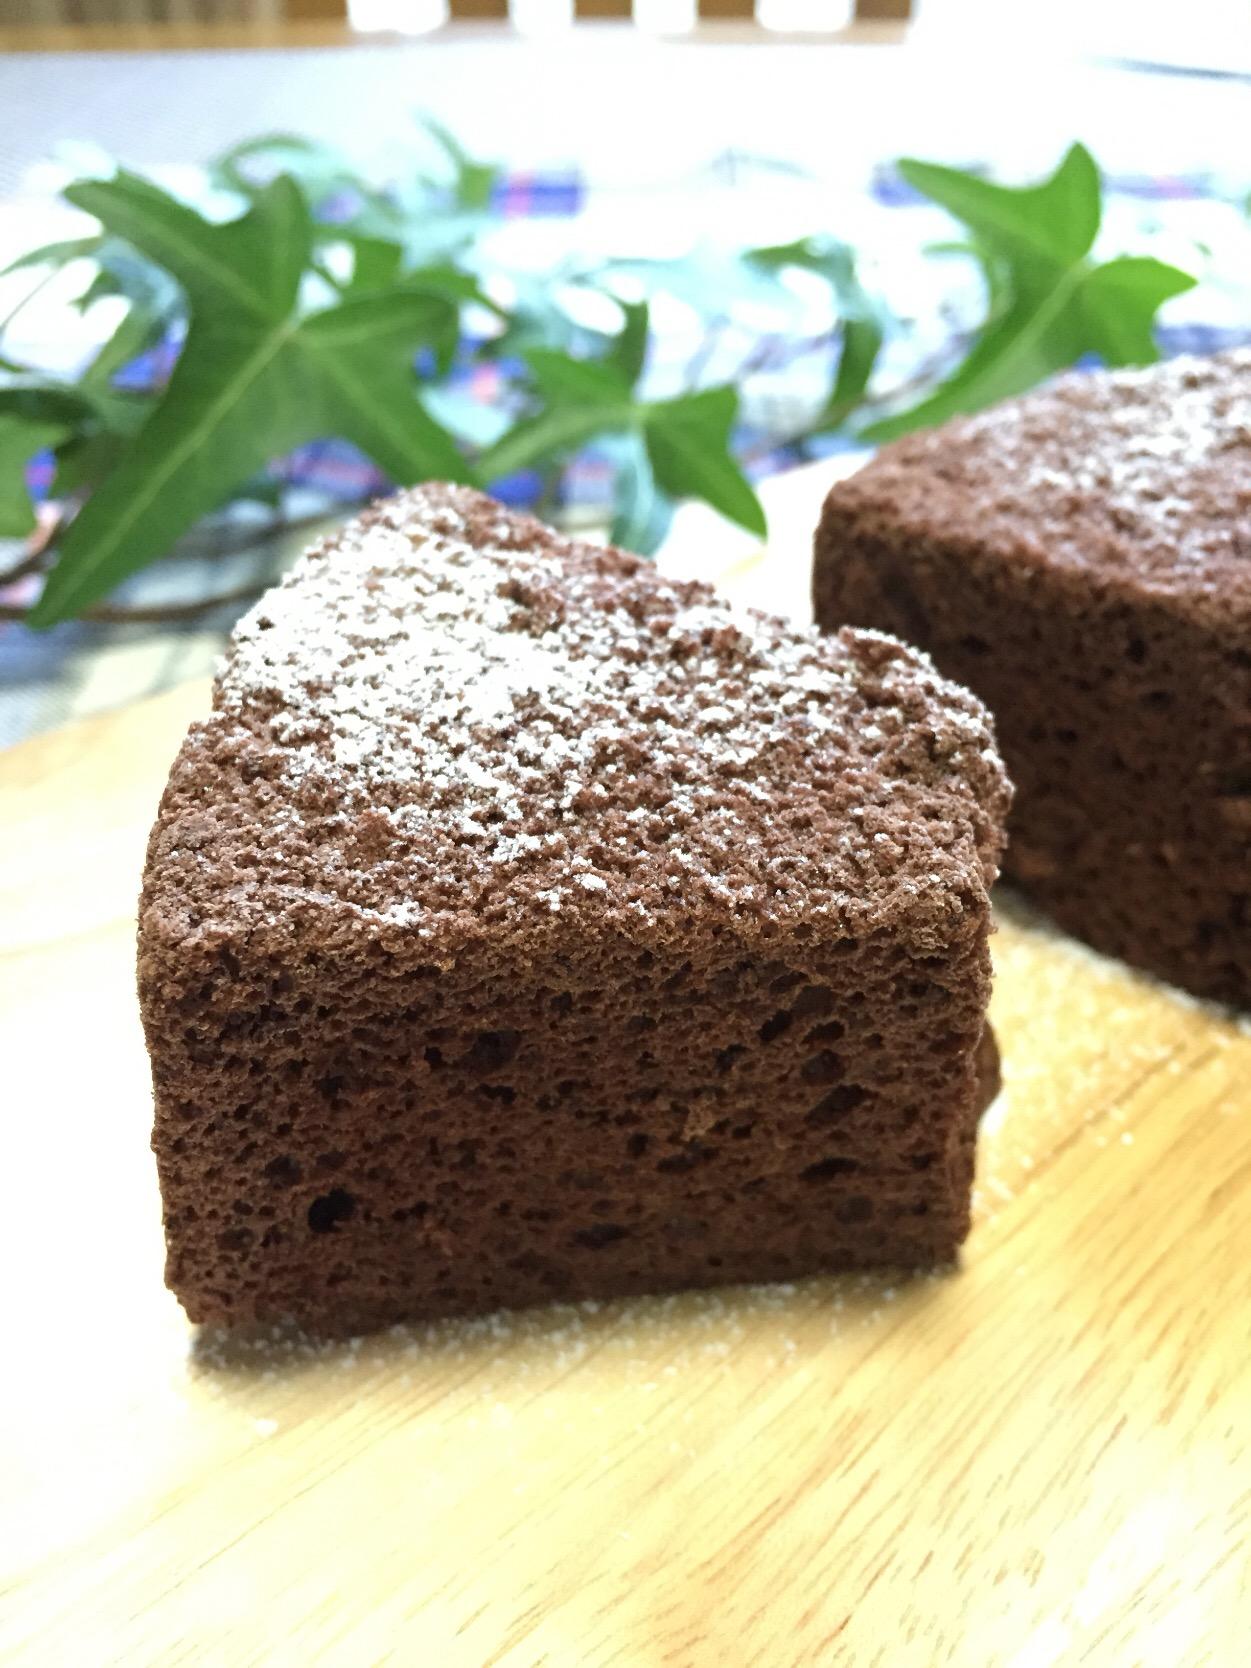 ケーキ ココア シフォン ココアシフォンケーキがバサバサする原因を教えてください。